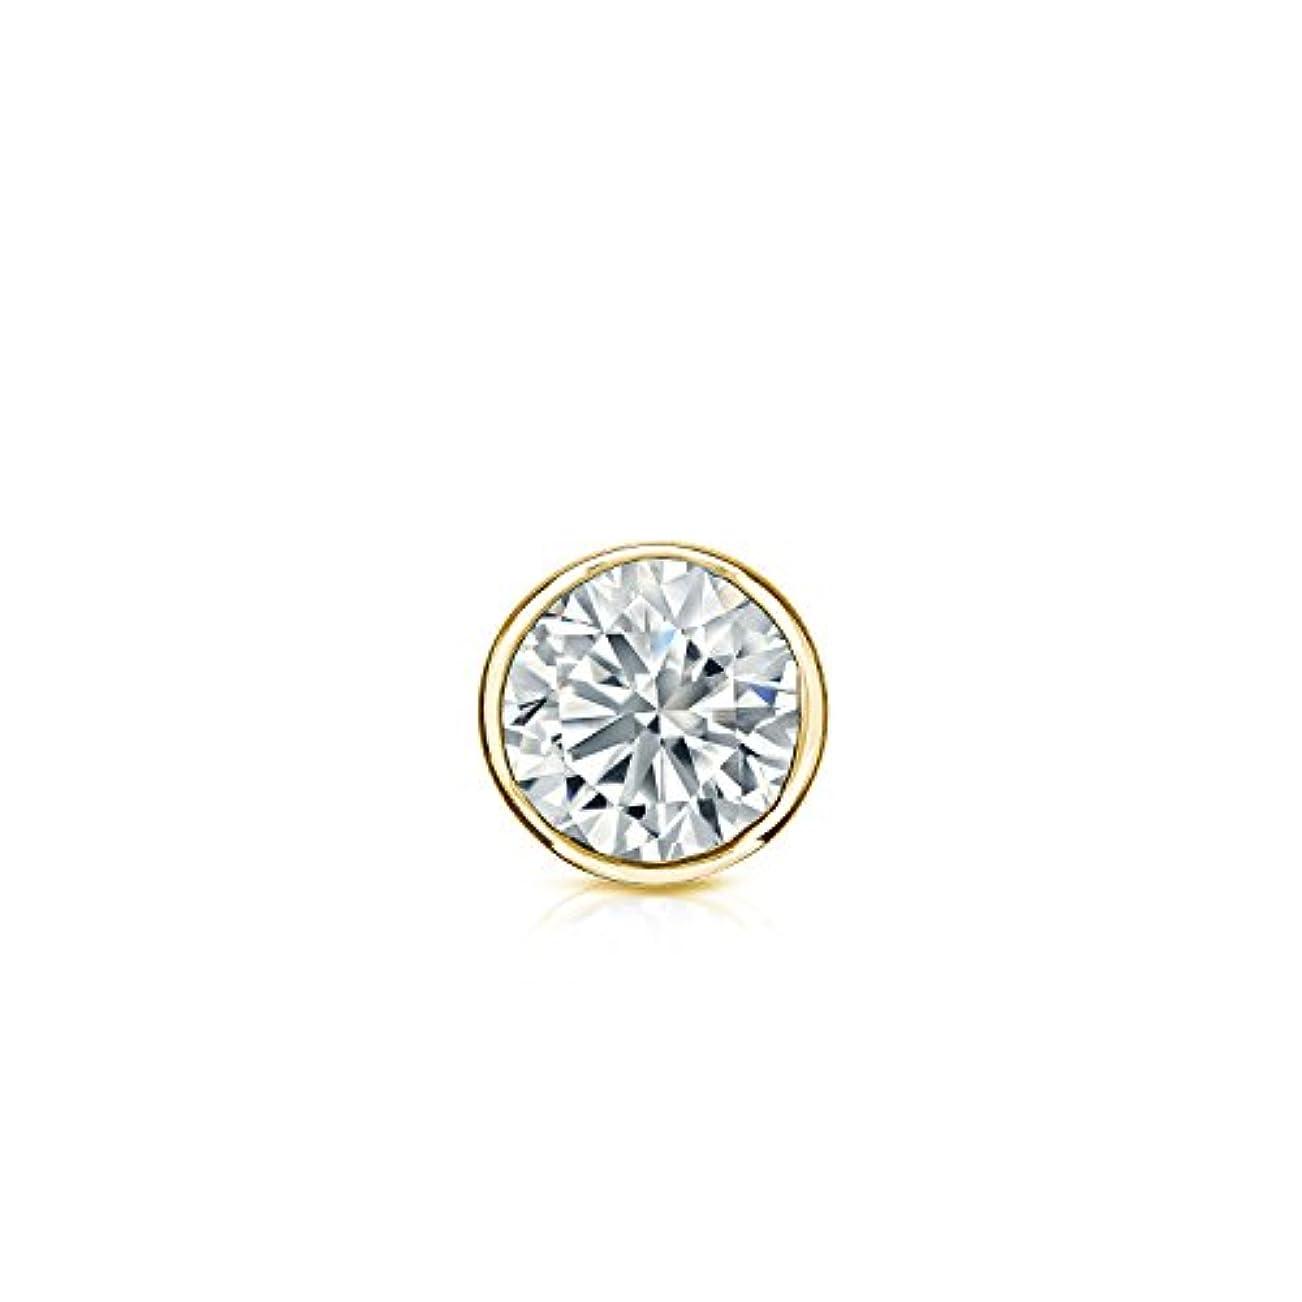 離す失礼な理想的14 Kイエローゴールドbezel-setラウンドダイヤモンドシングルスタッドイヤリング( 1 / 8 – 1 CT、ホワイト、vs2-si1 ) screw-back